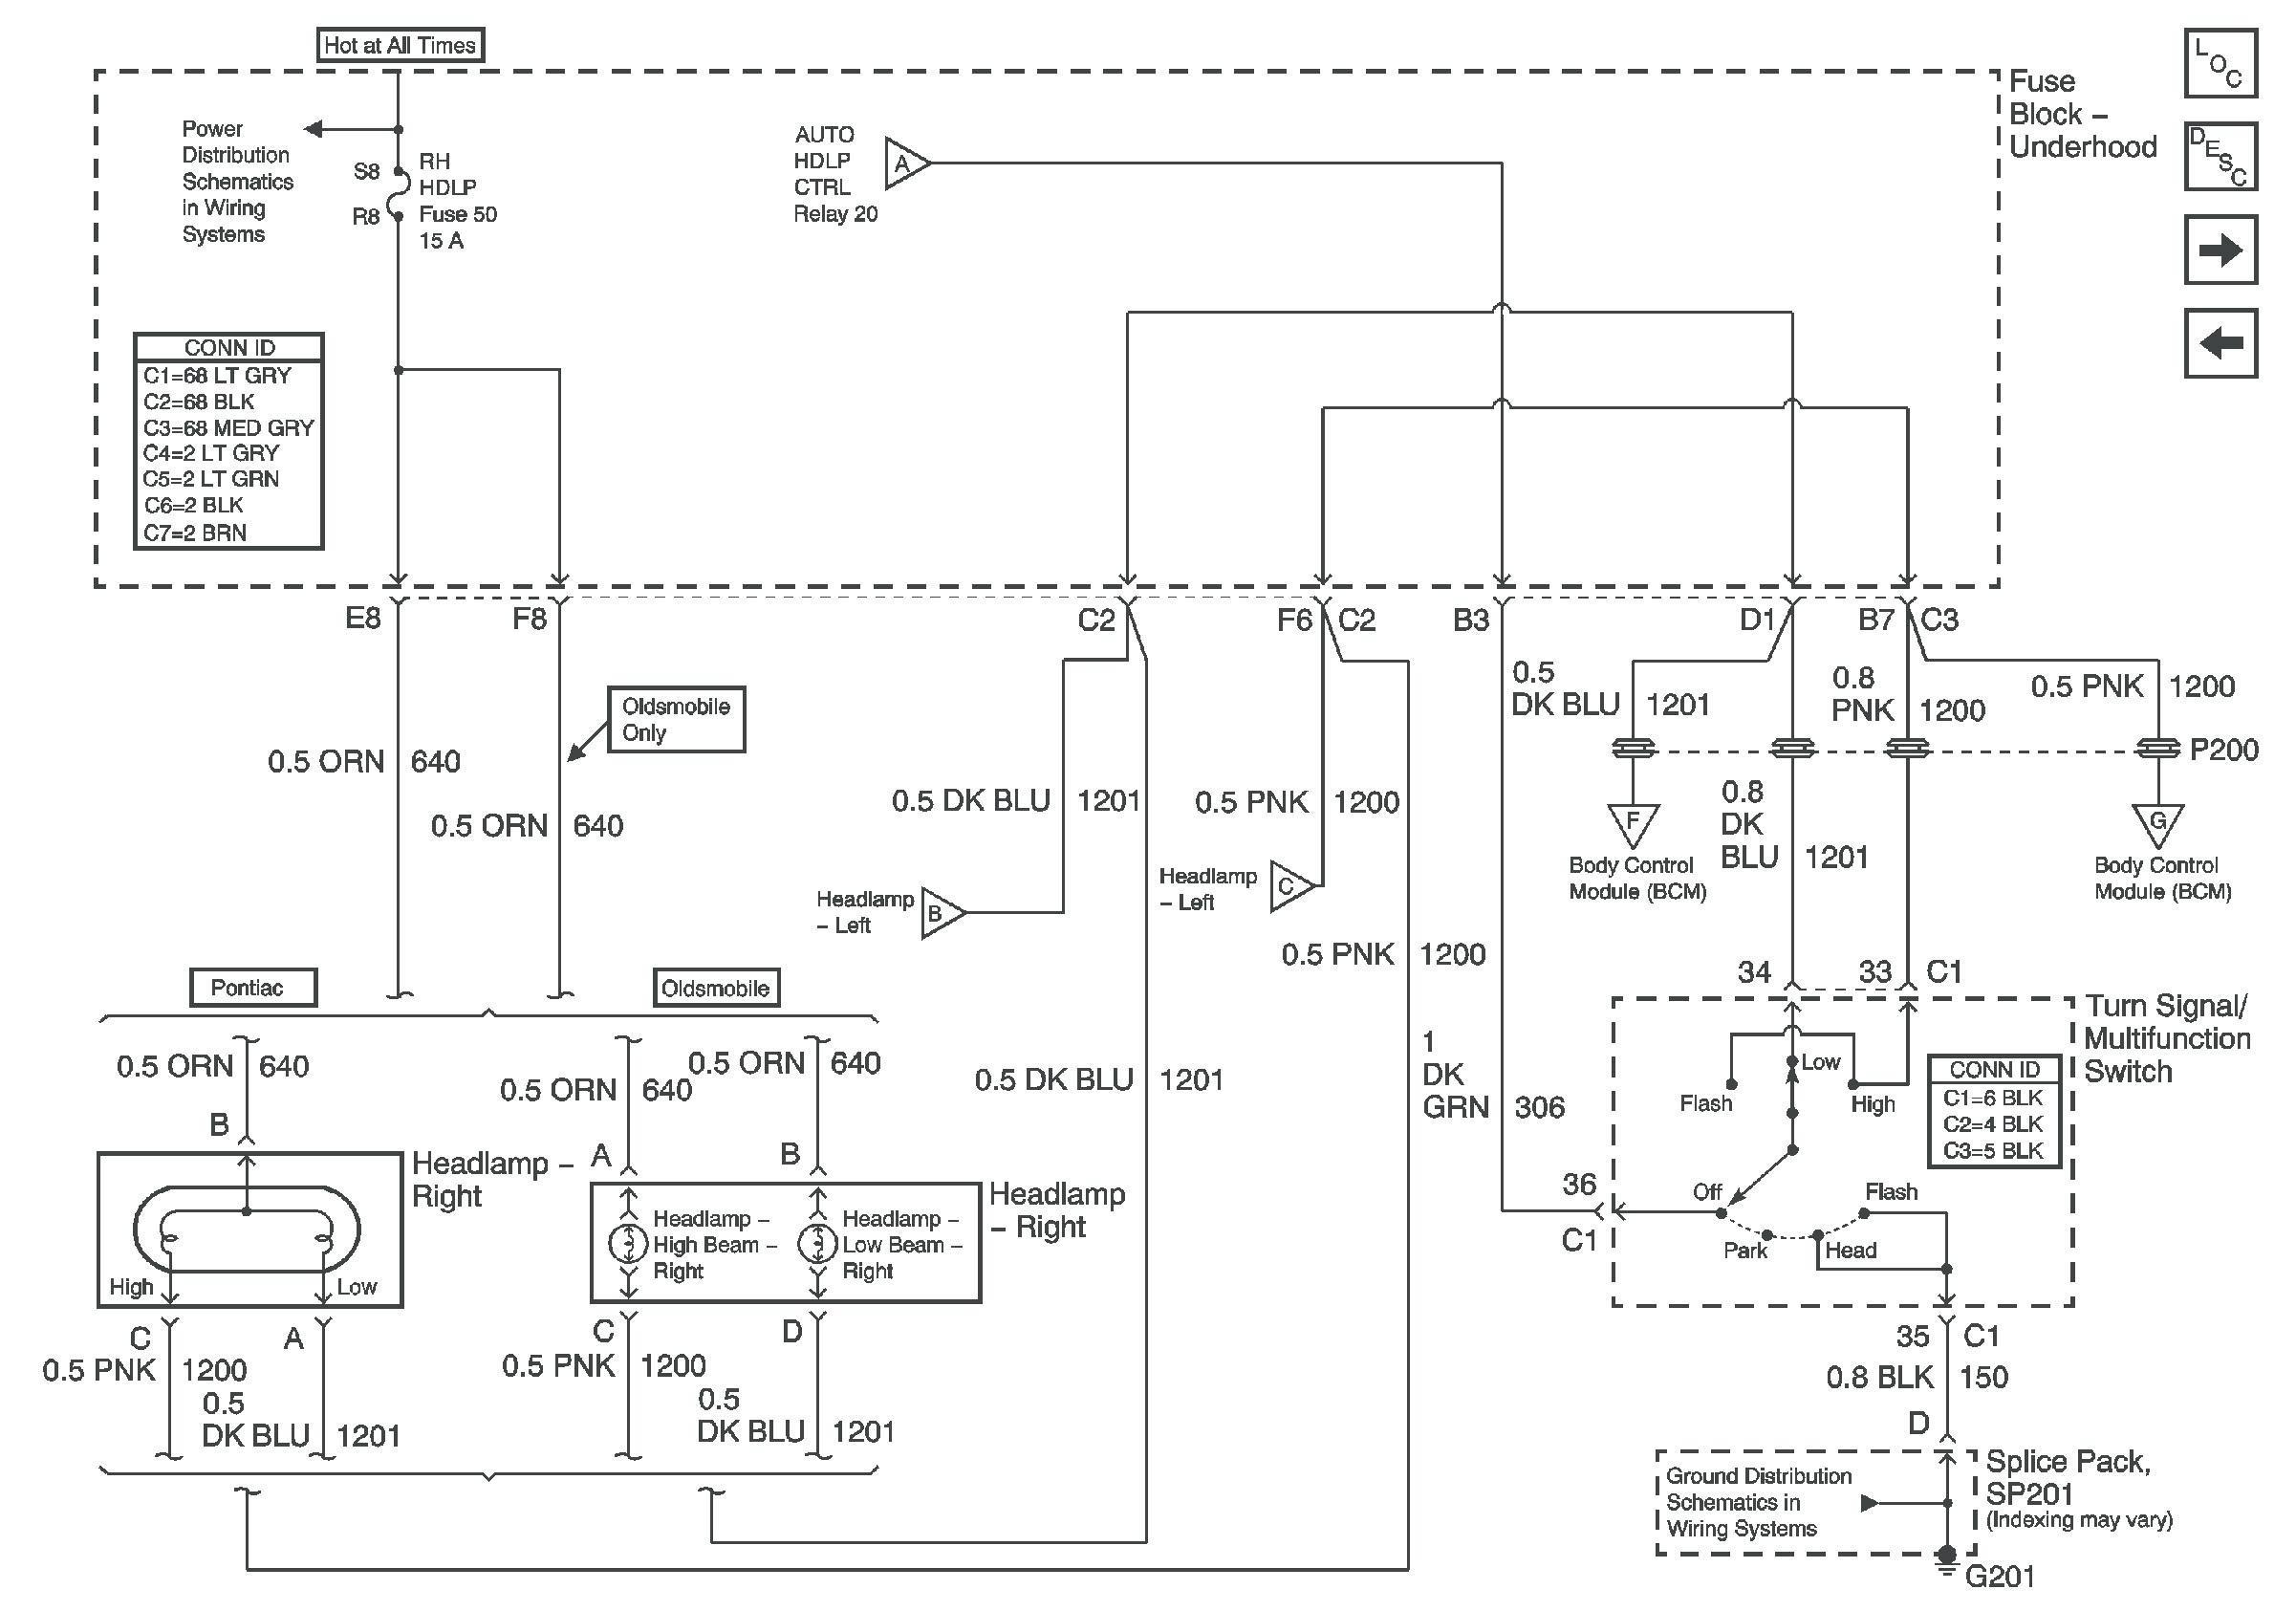 2002 Pontiac Grand Am Engine Diagram 2003 Pontiac Grand Am Wiring Diagram Canopi Me Exceptional 2002 Of 2002 Pontiac Grand Am Engine Diagram